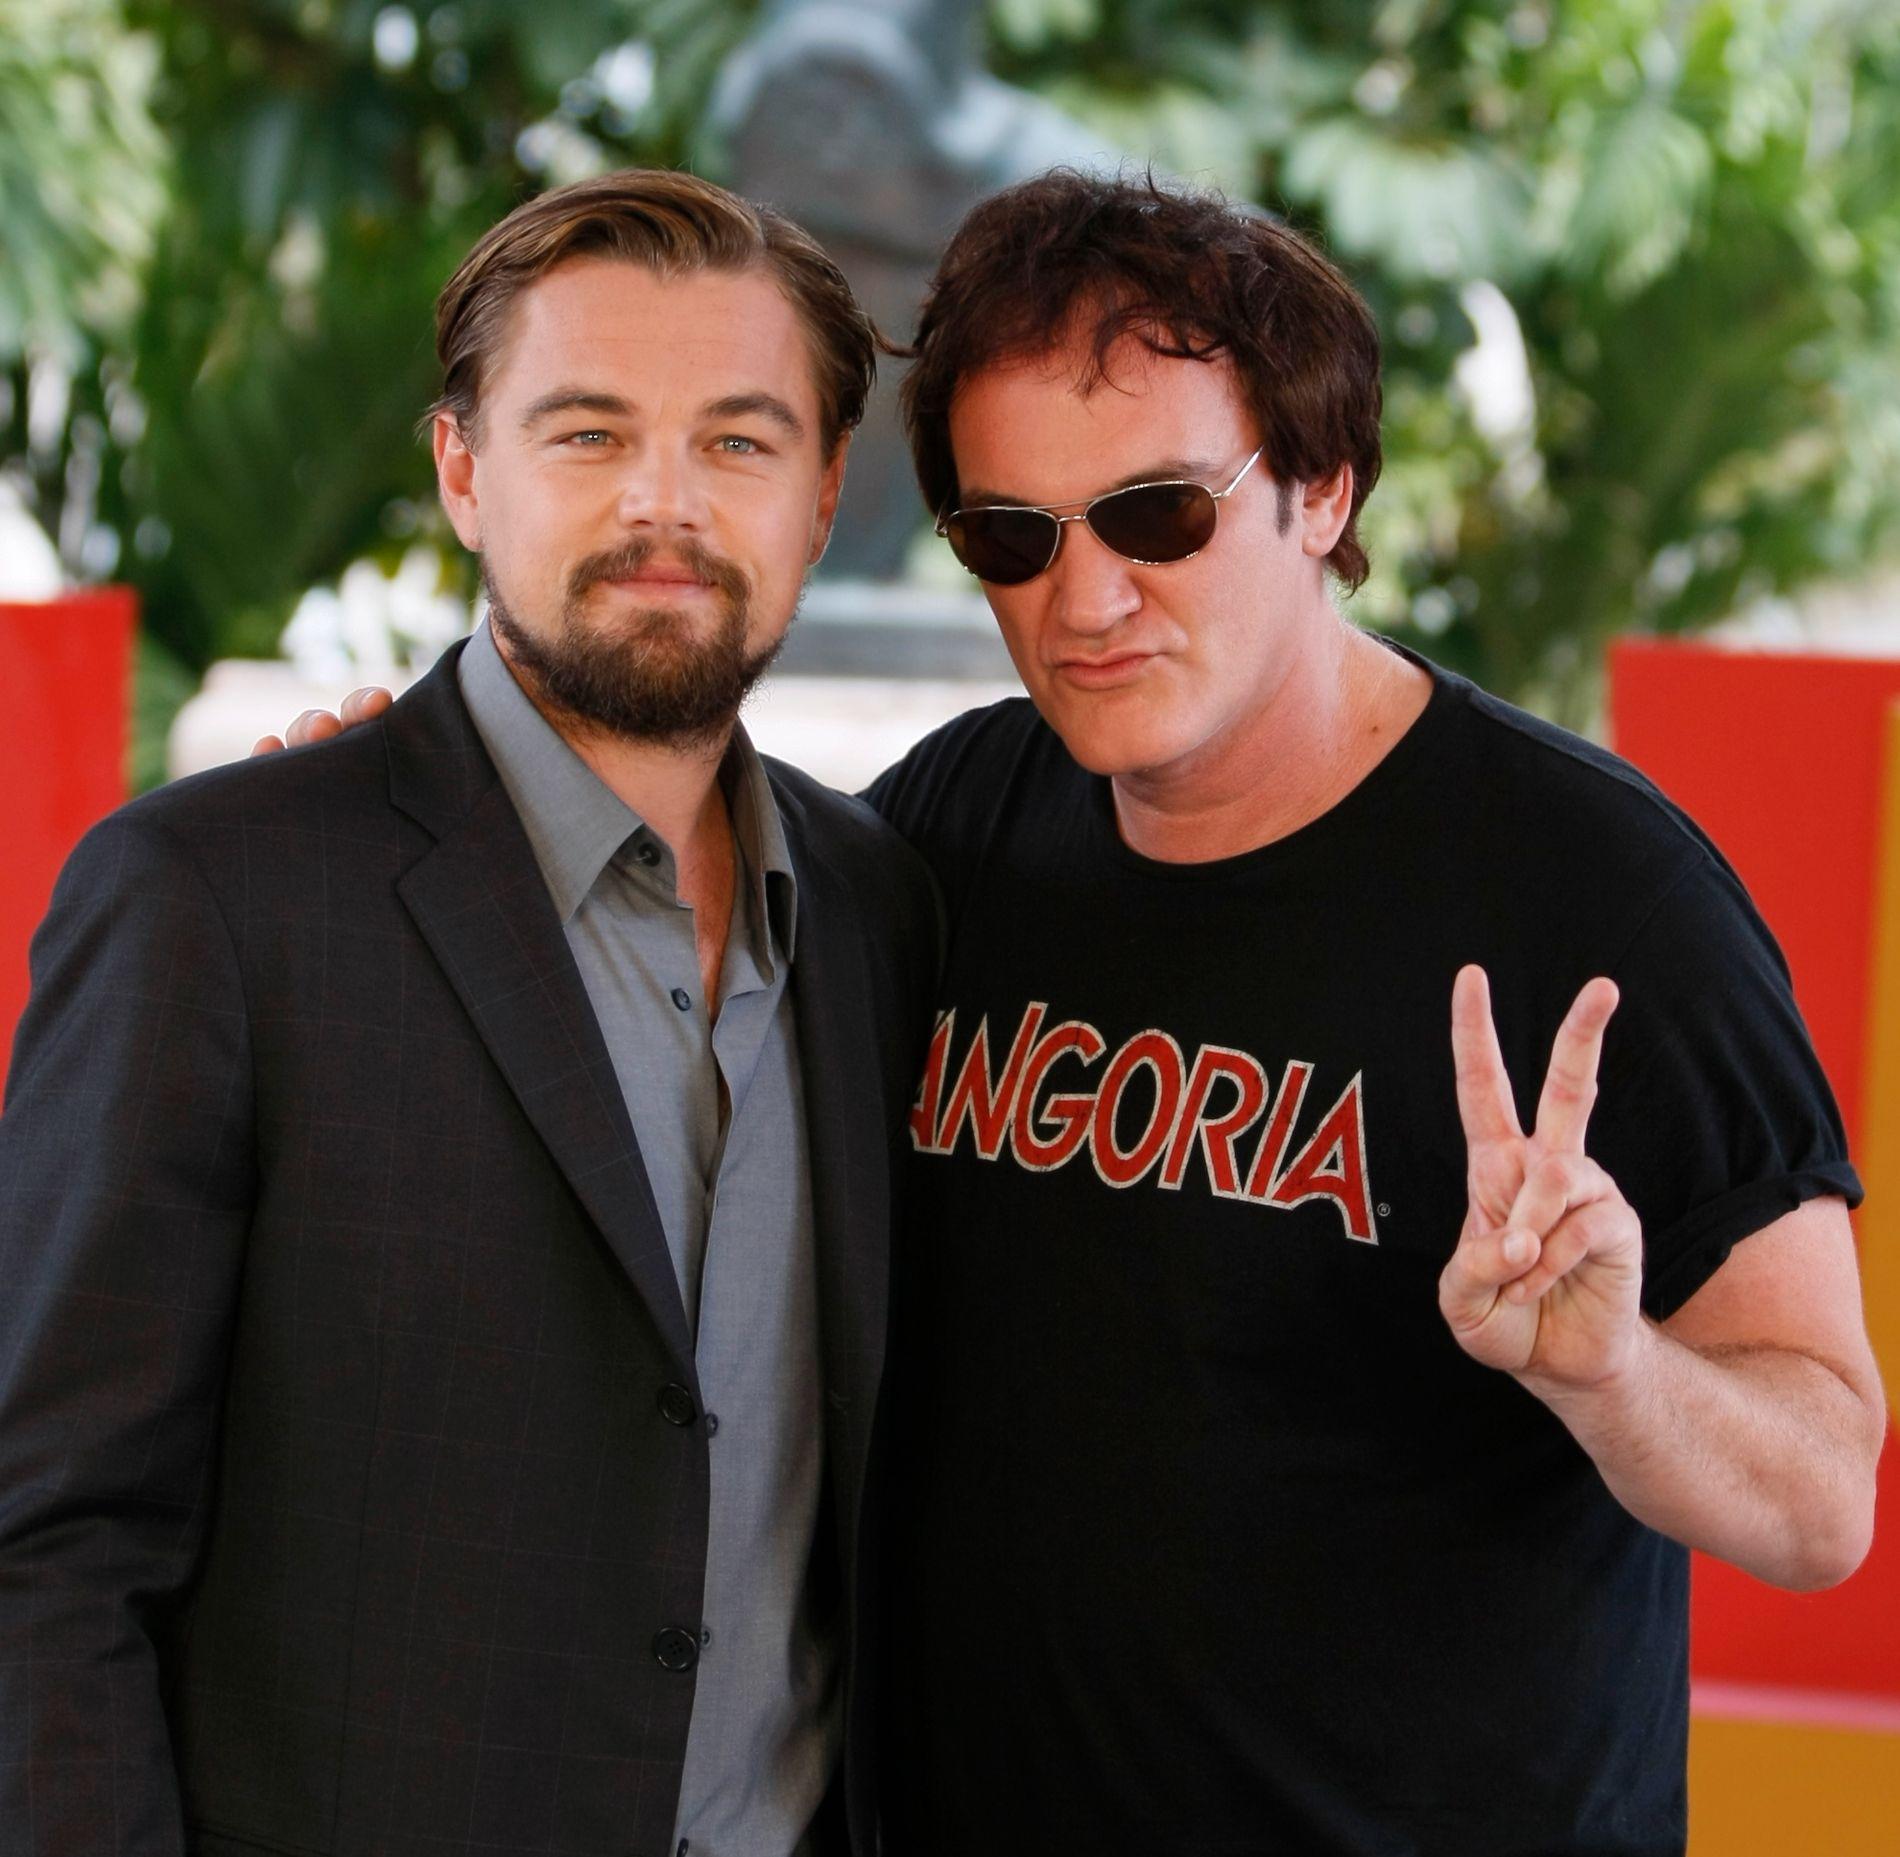 JOBBER SAMMEN IGJEN: Leonardo DiCaprio og Quentin Tarantino jobbet sammen med «Django Unchained» i 2012.